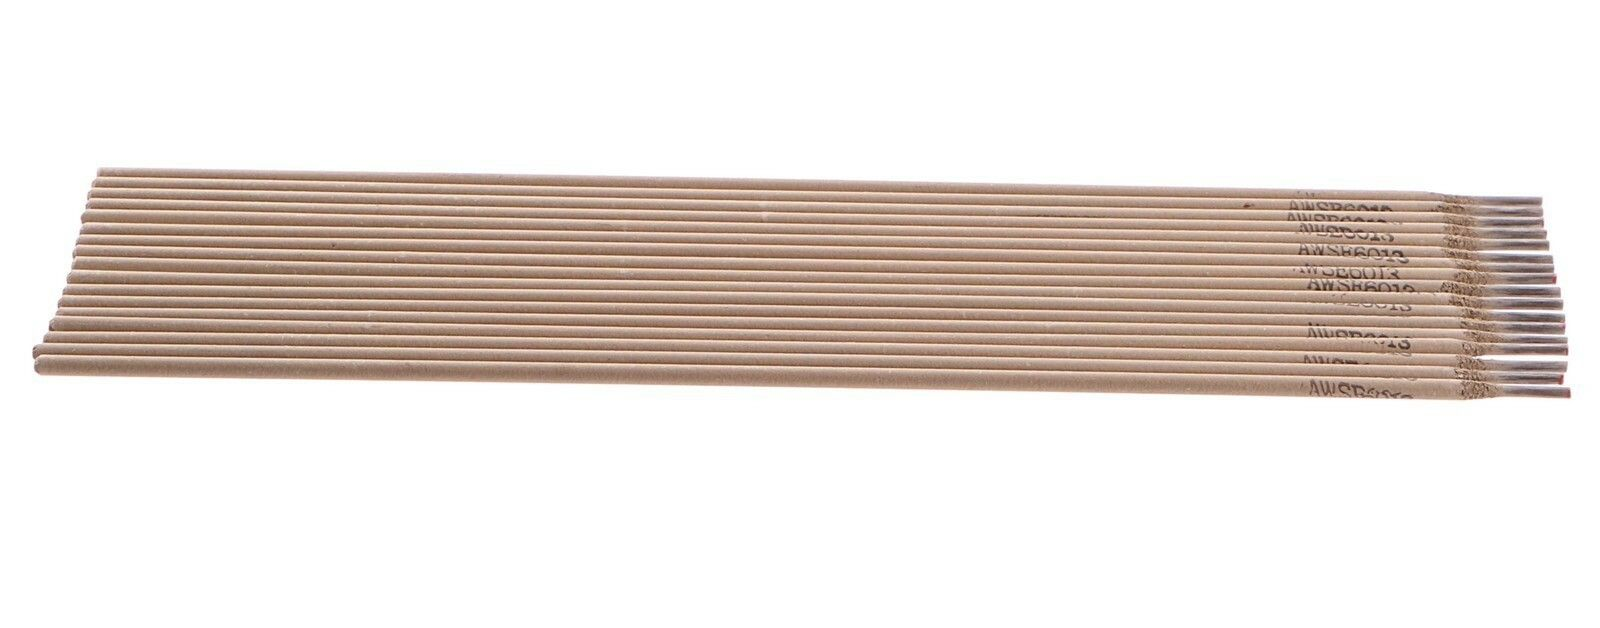 Elektrody svařovací, 4x350 mm, svařovací proud 150-190A, růžové GEKO